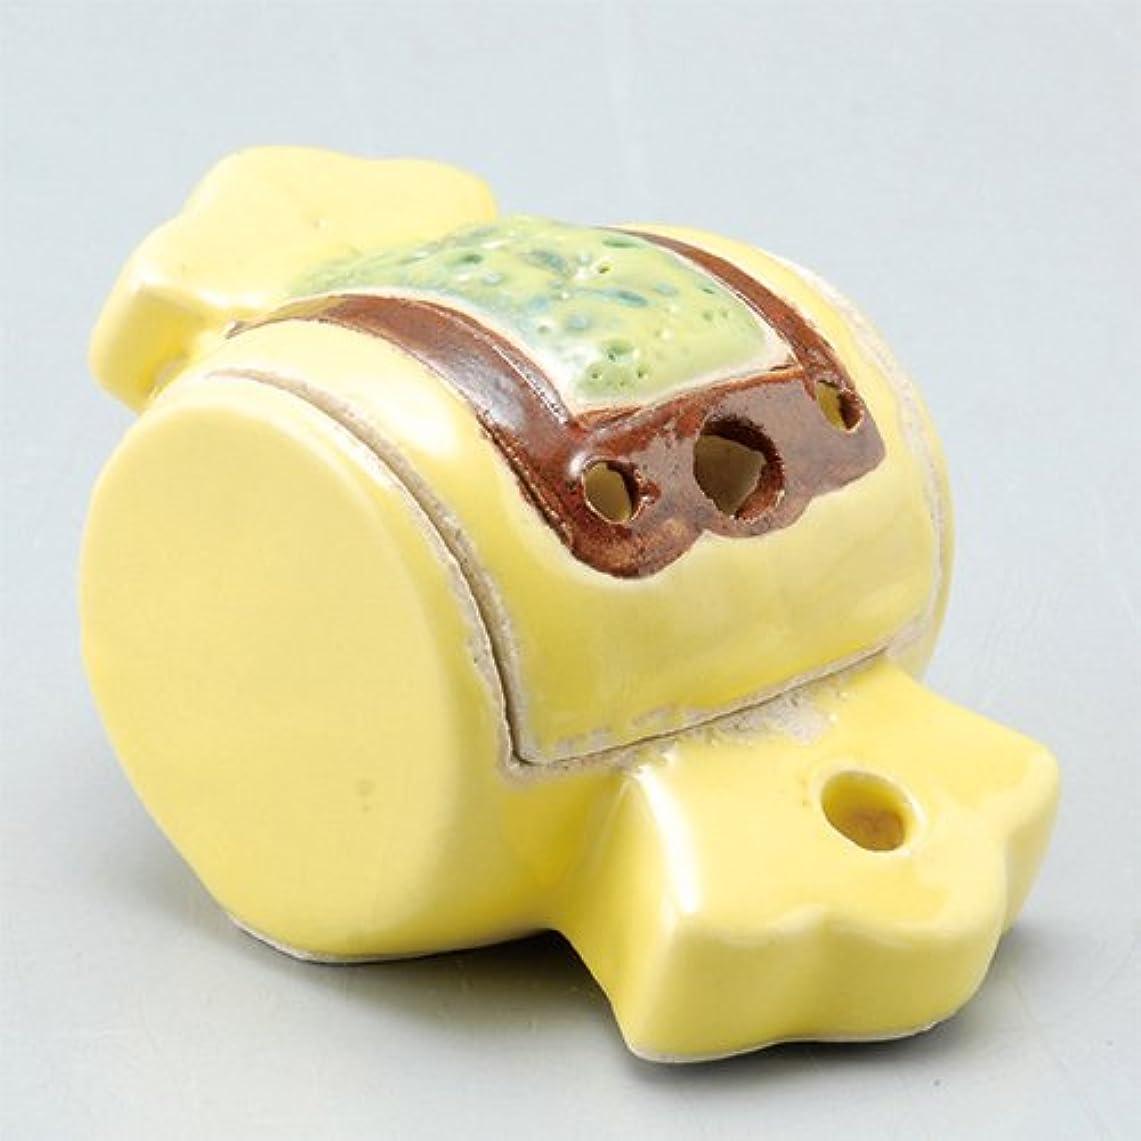 香炉 飾り香炉(福小槌) [H5cm] HANDMADE プレゼント ギフト 和食器 かわいい インテリア